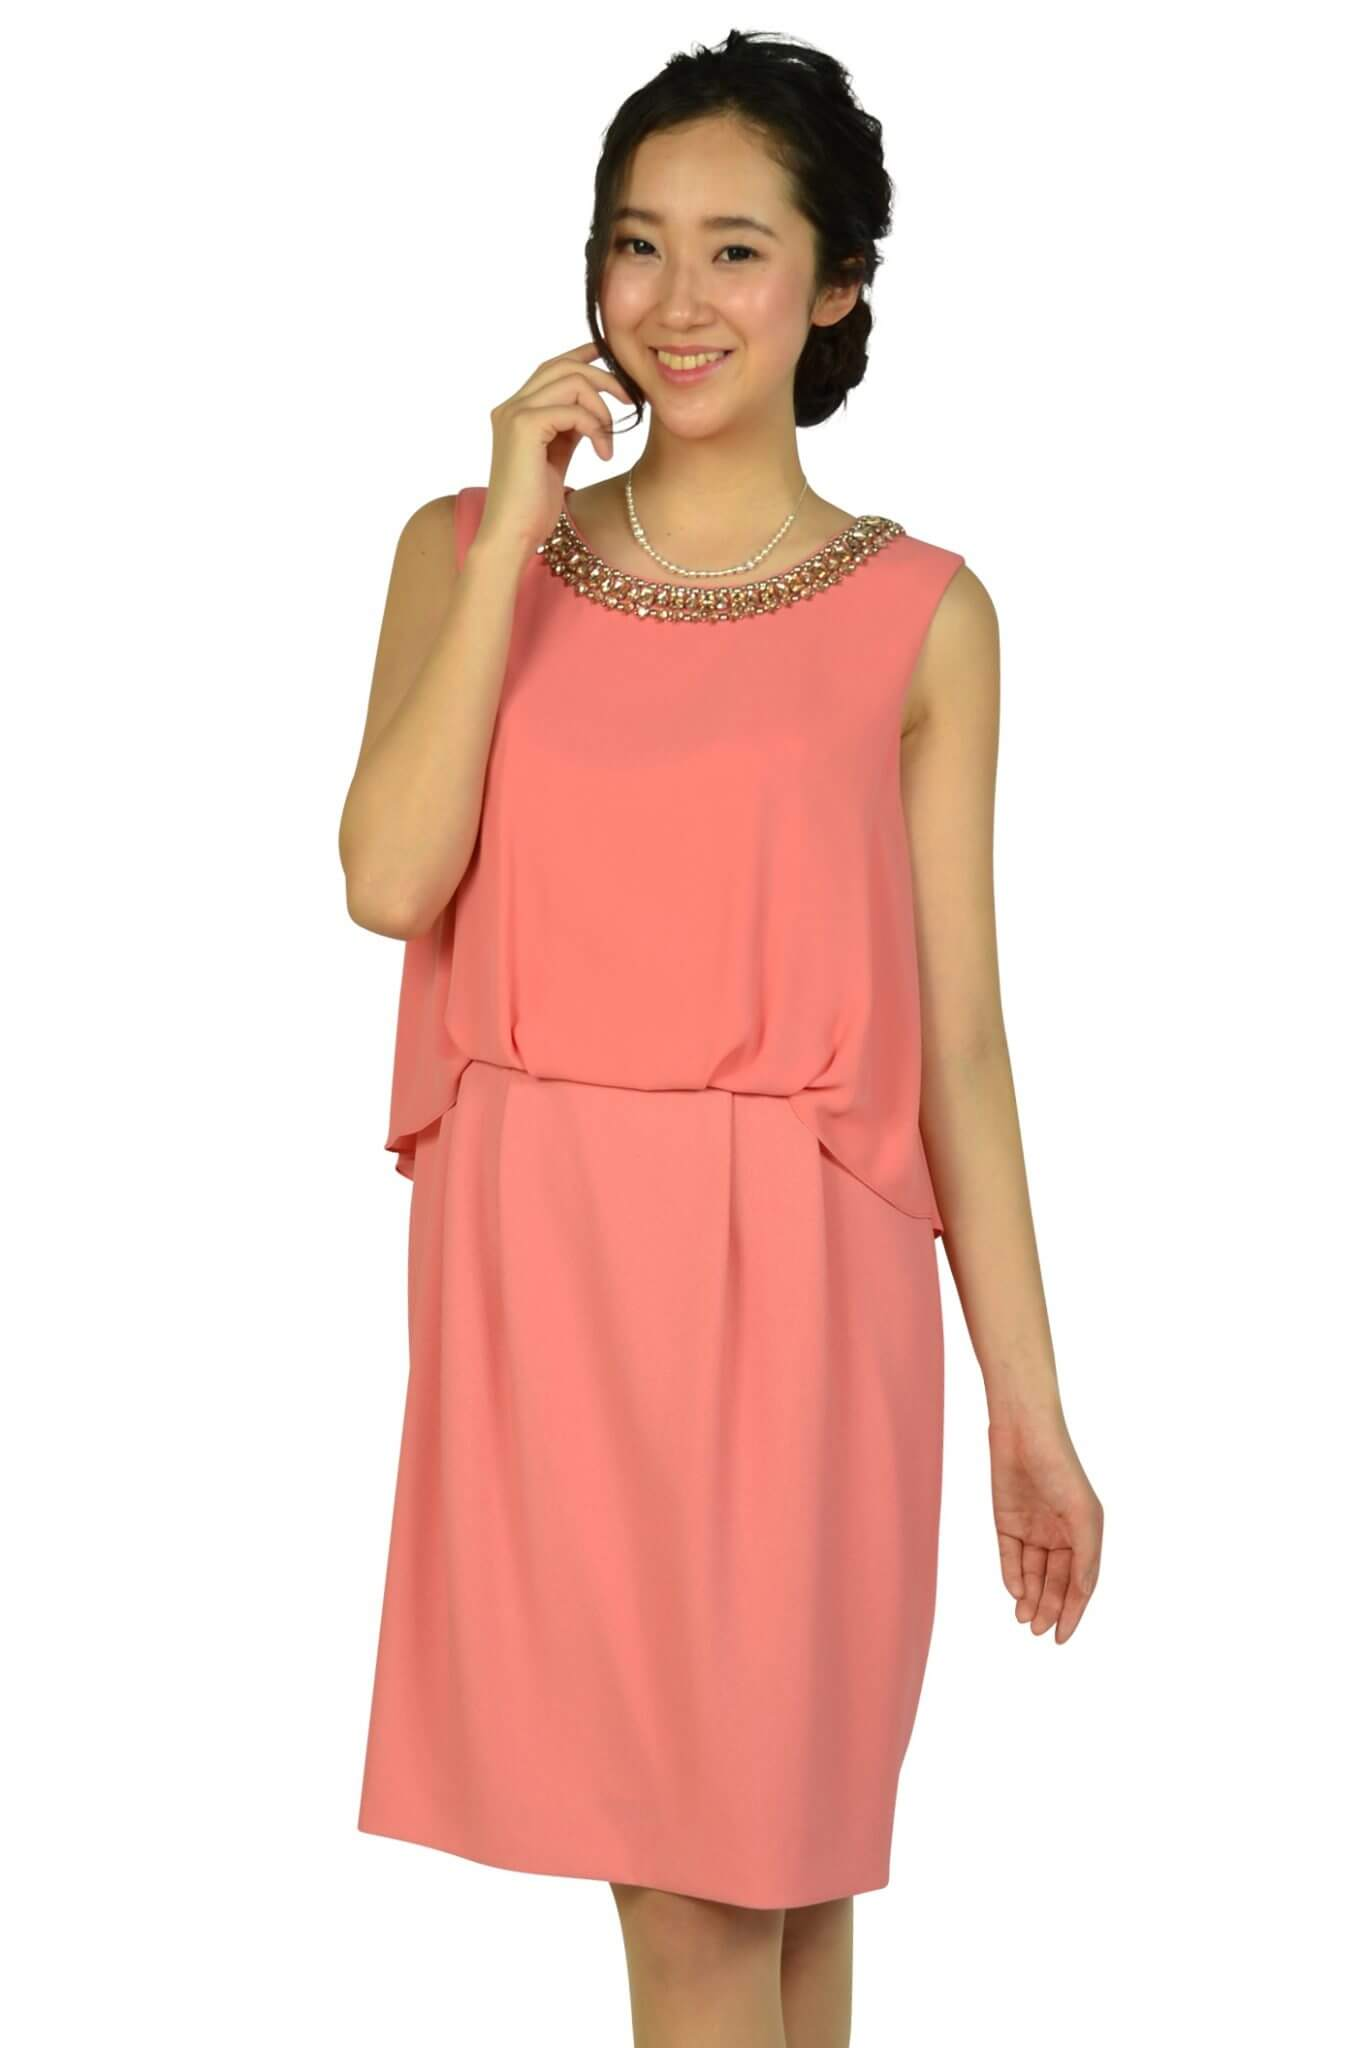 インディヴィ (INDIVI)シンプルビジュコーラルオレンジドレス